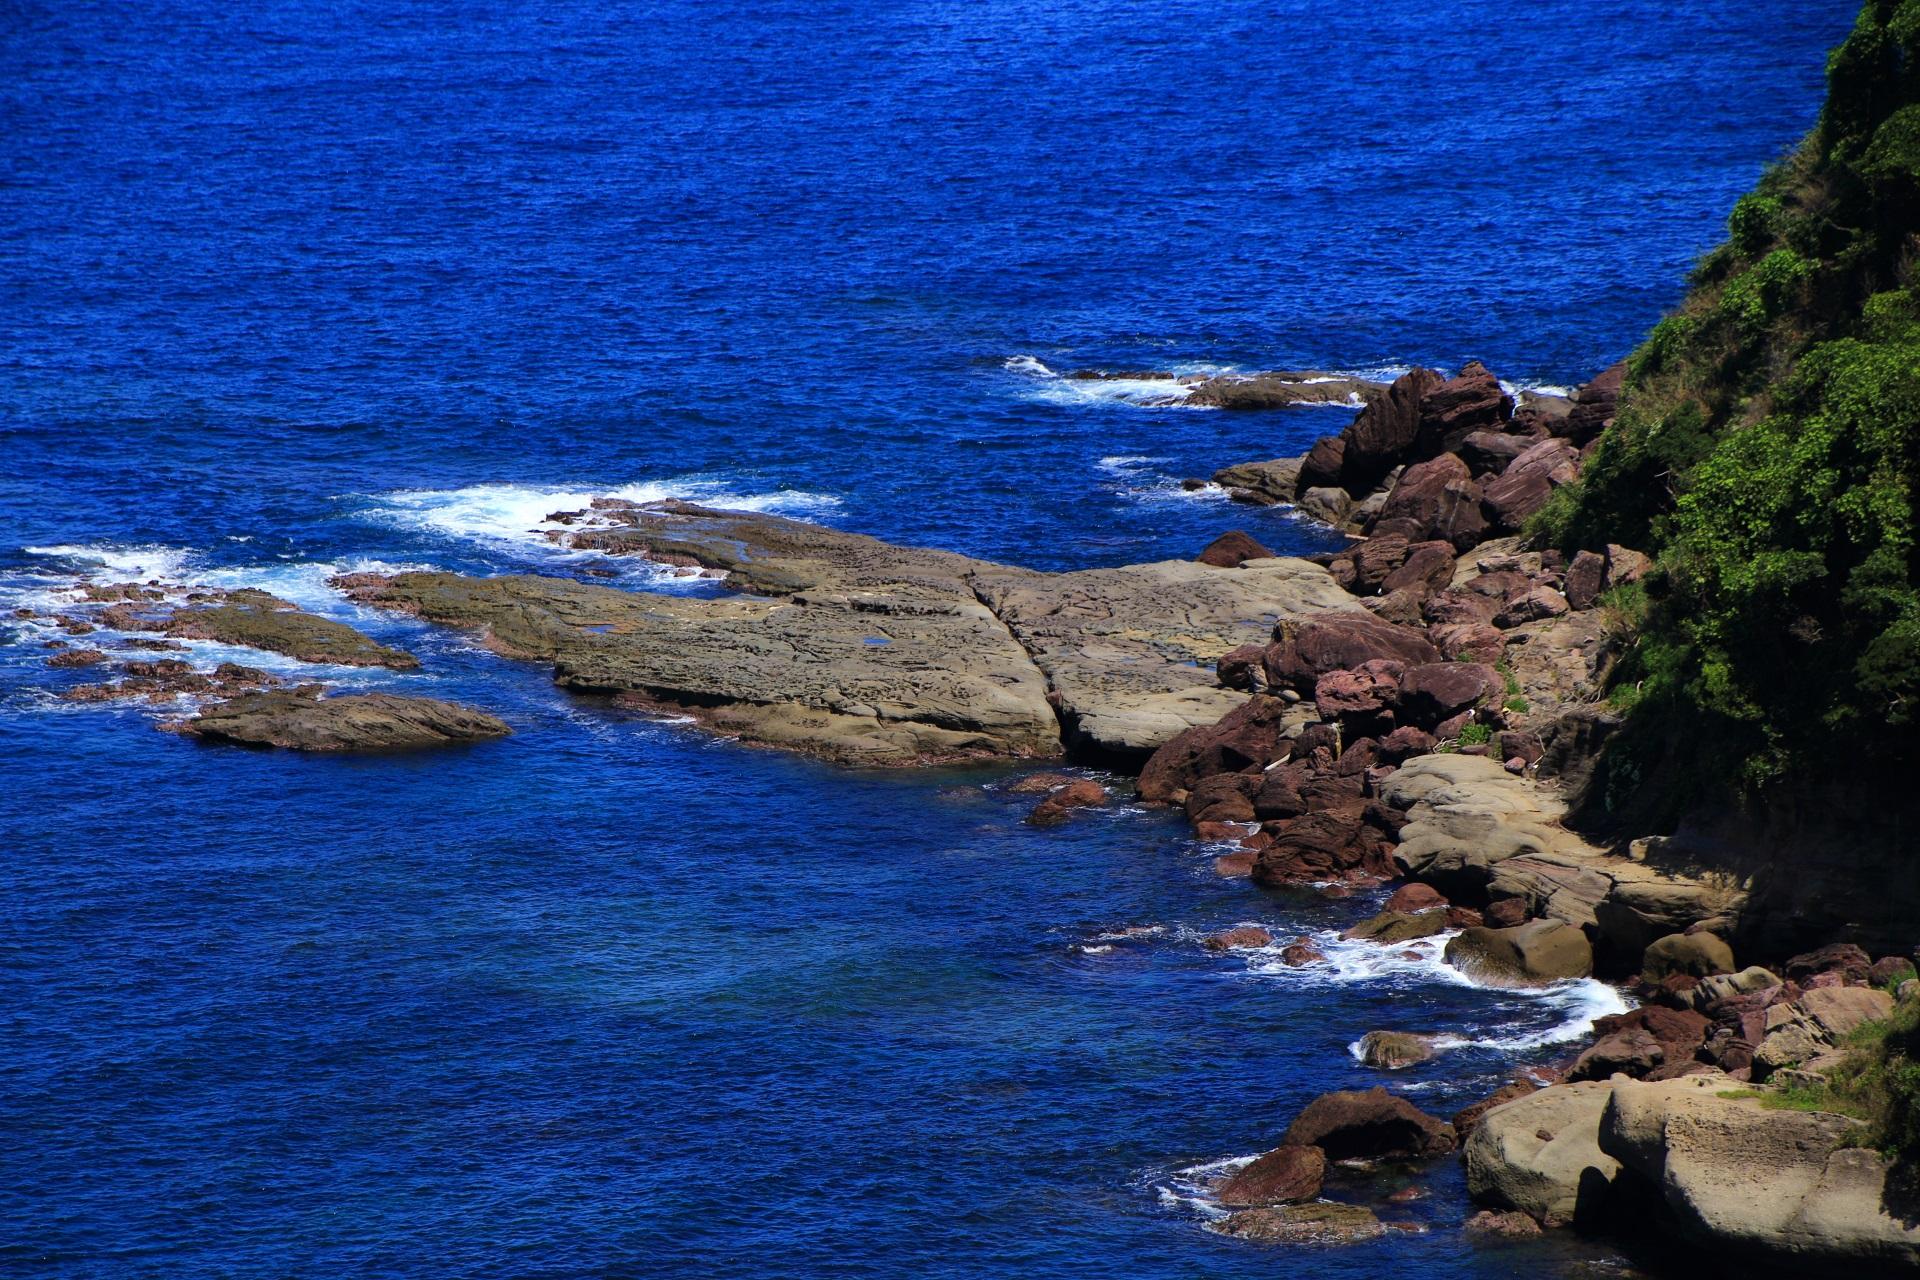 岩場の上に大きな岩がいっぱい落ちている五色浜の東の海辺